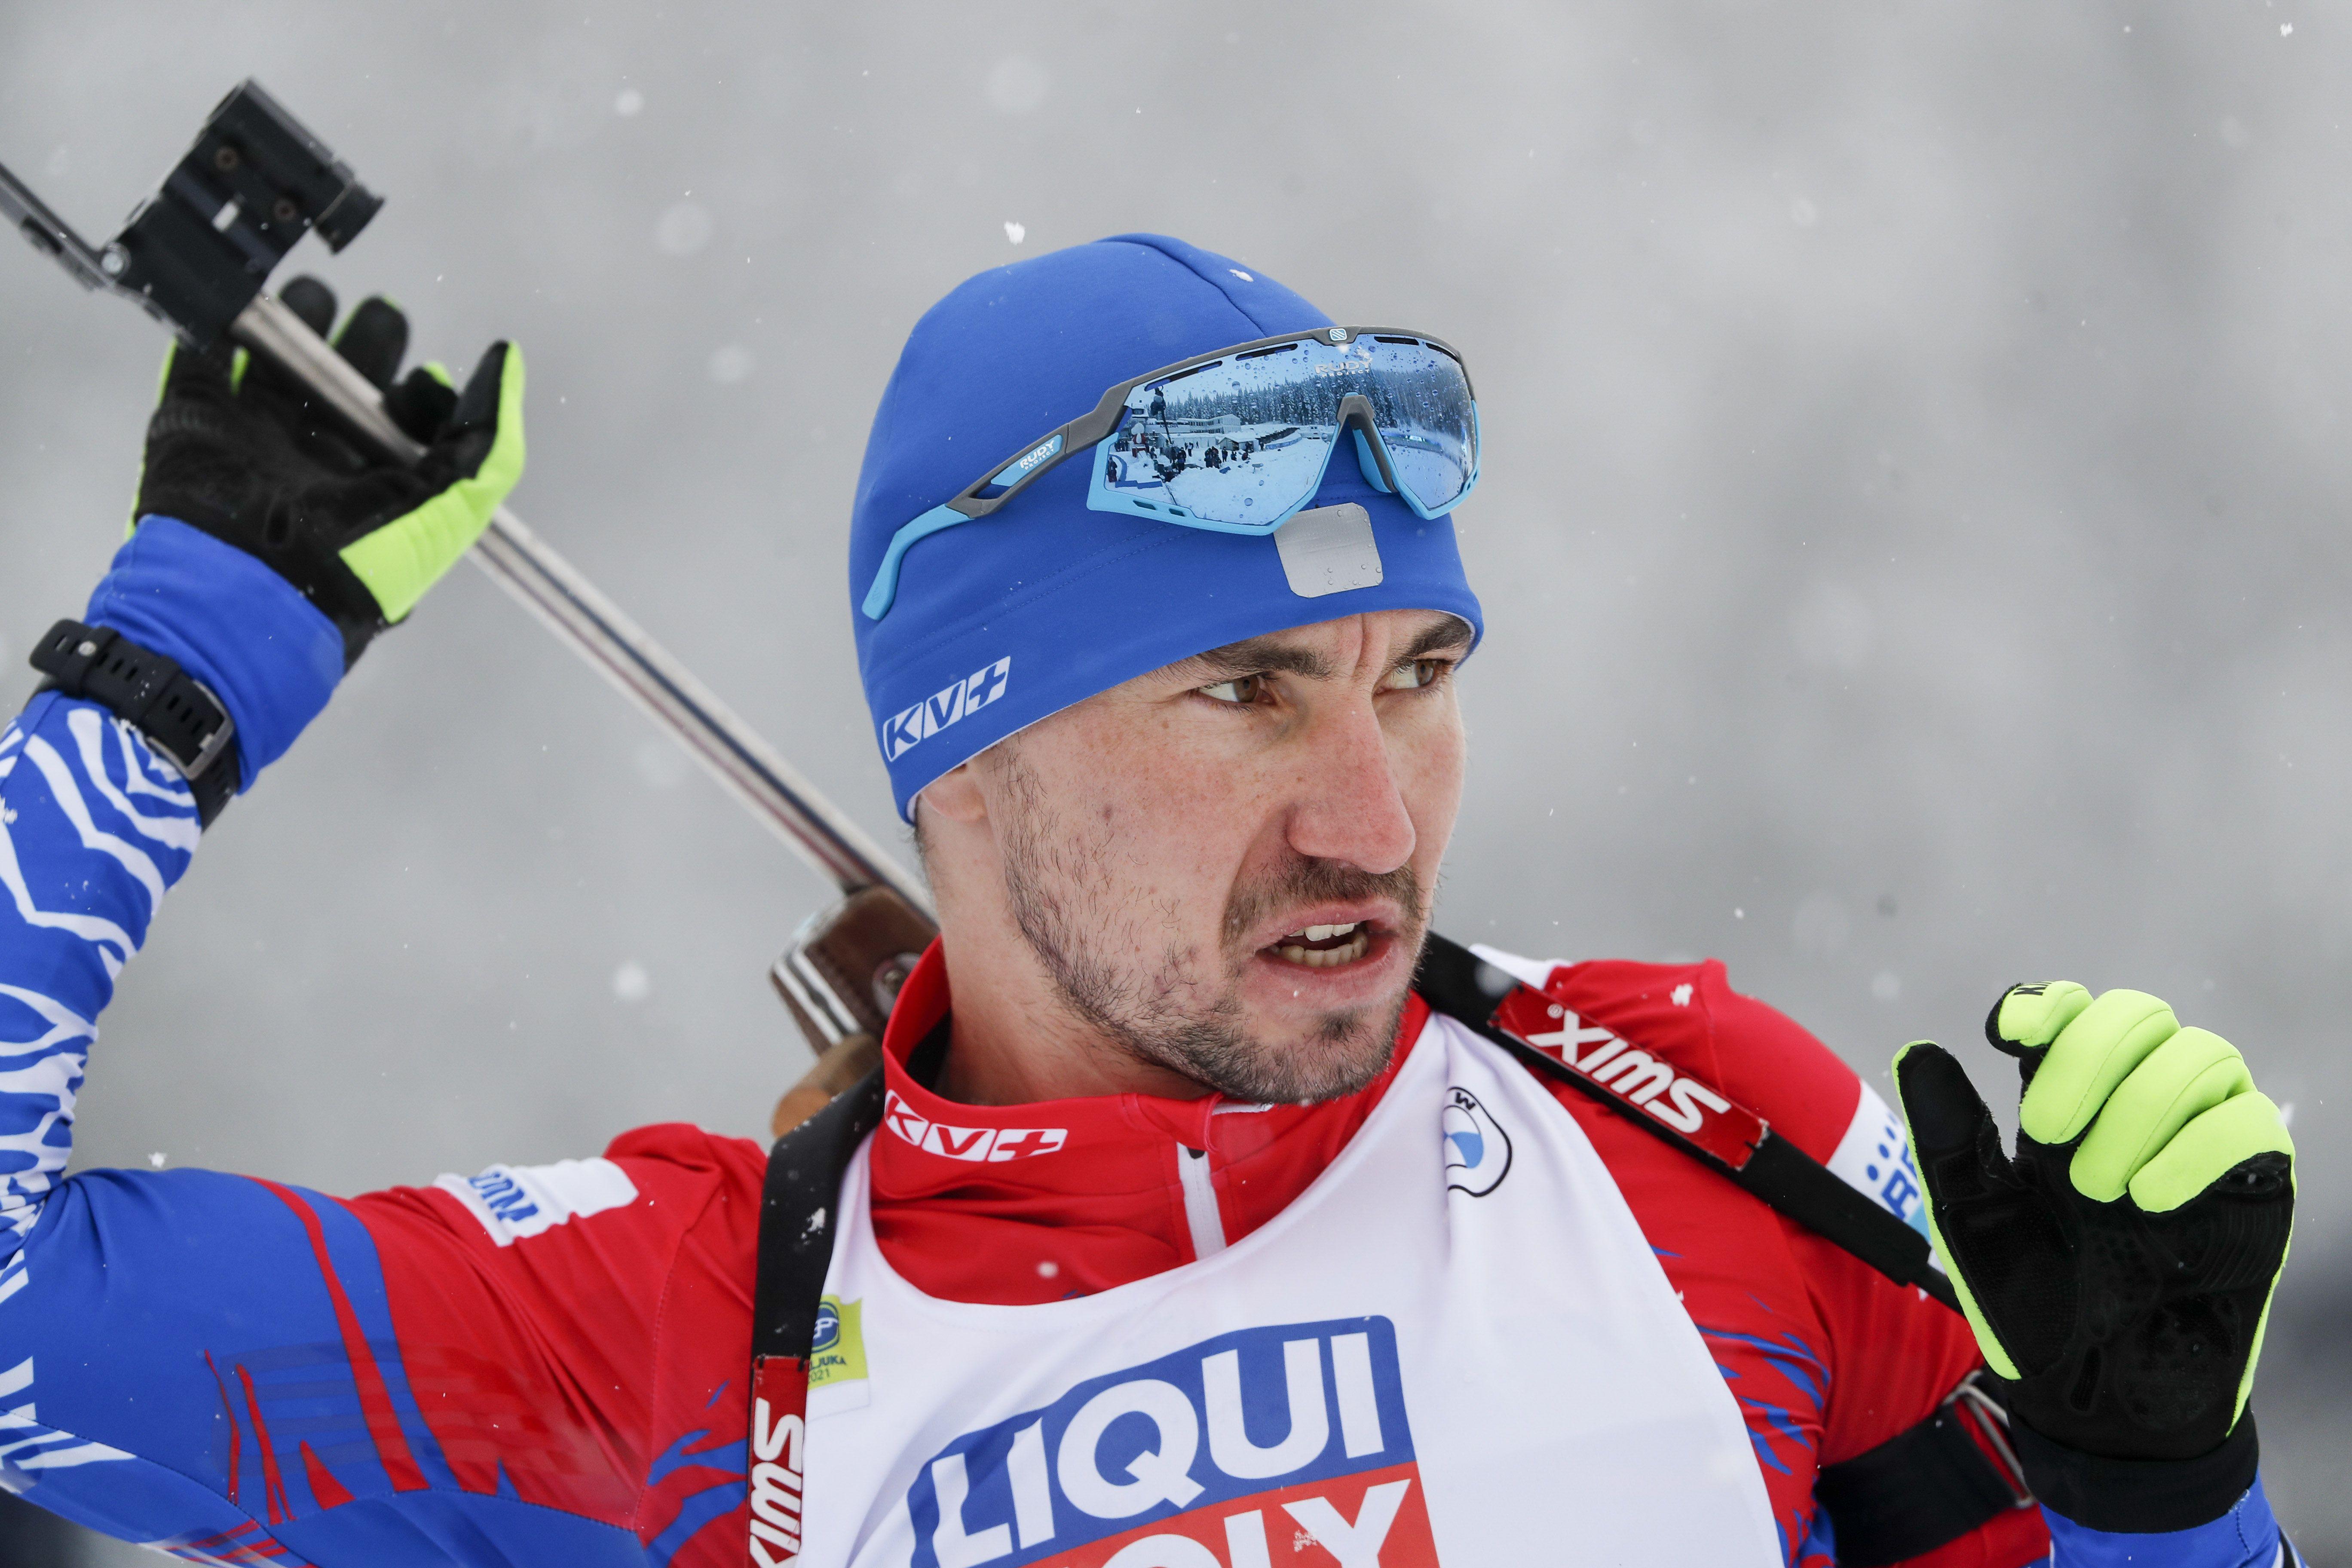 Чепиков: У россиян есть высокий шанс хорошо выступить в спринте